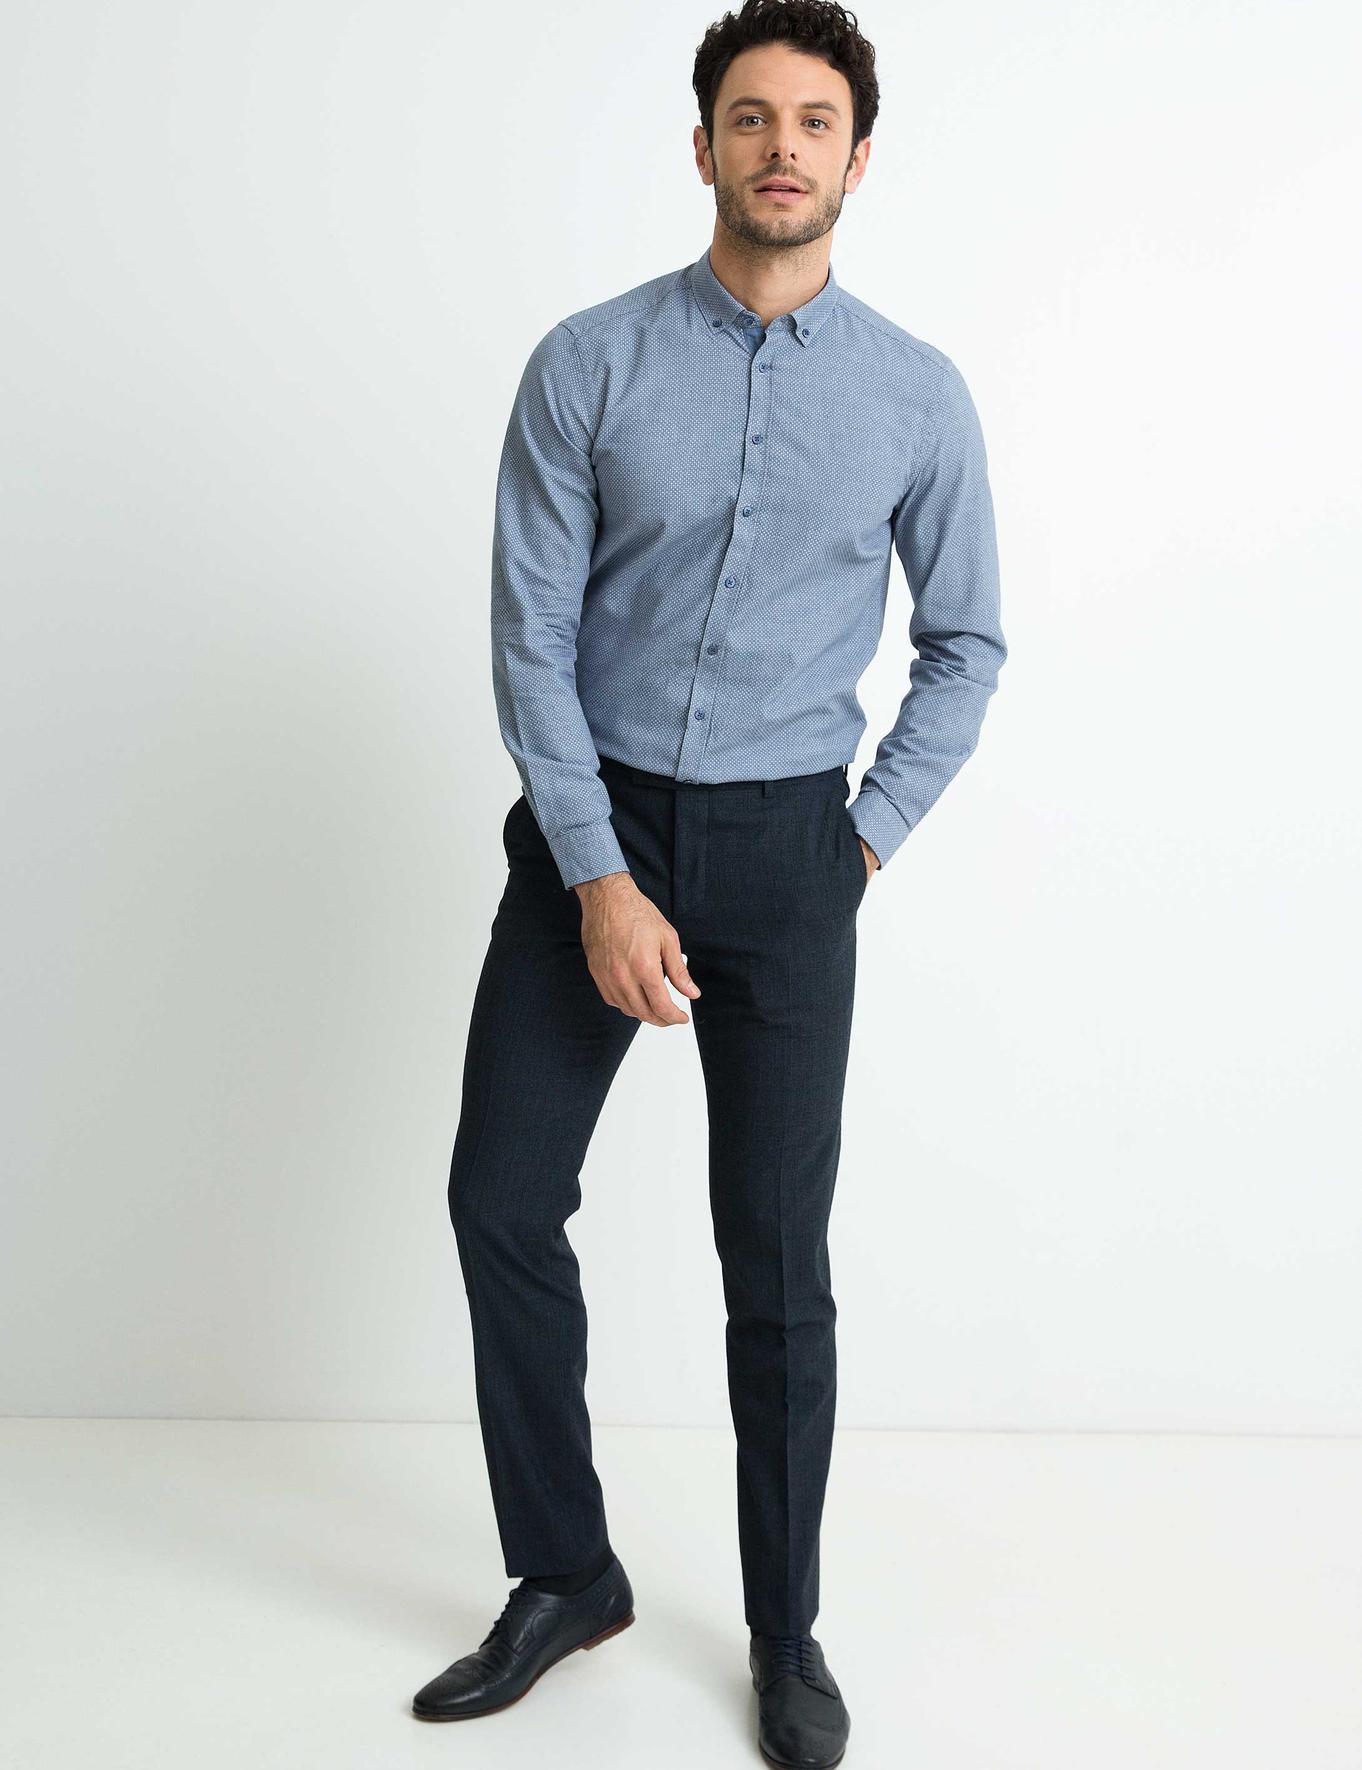 Mavi Slim Fit Gömlek - 50192848005